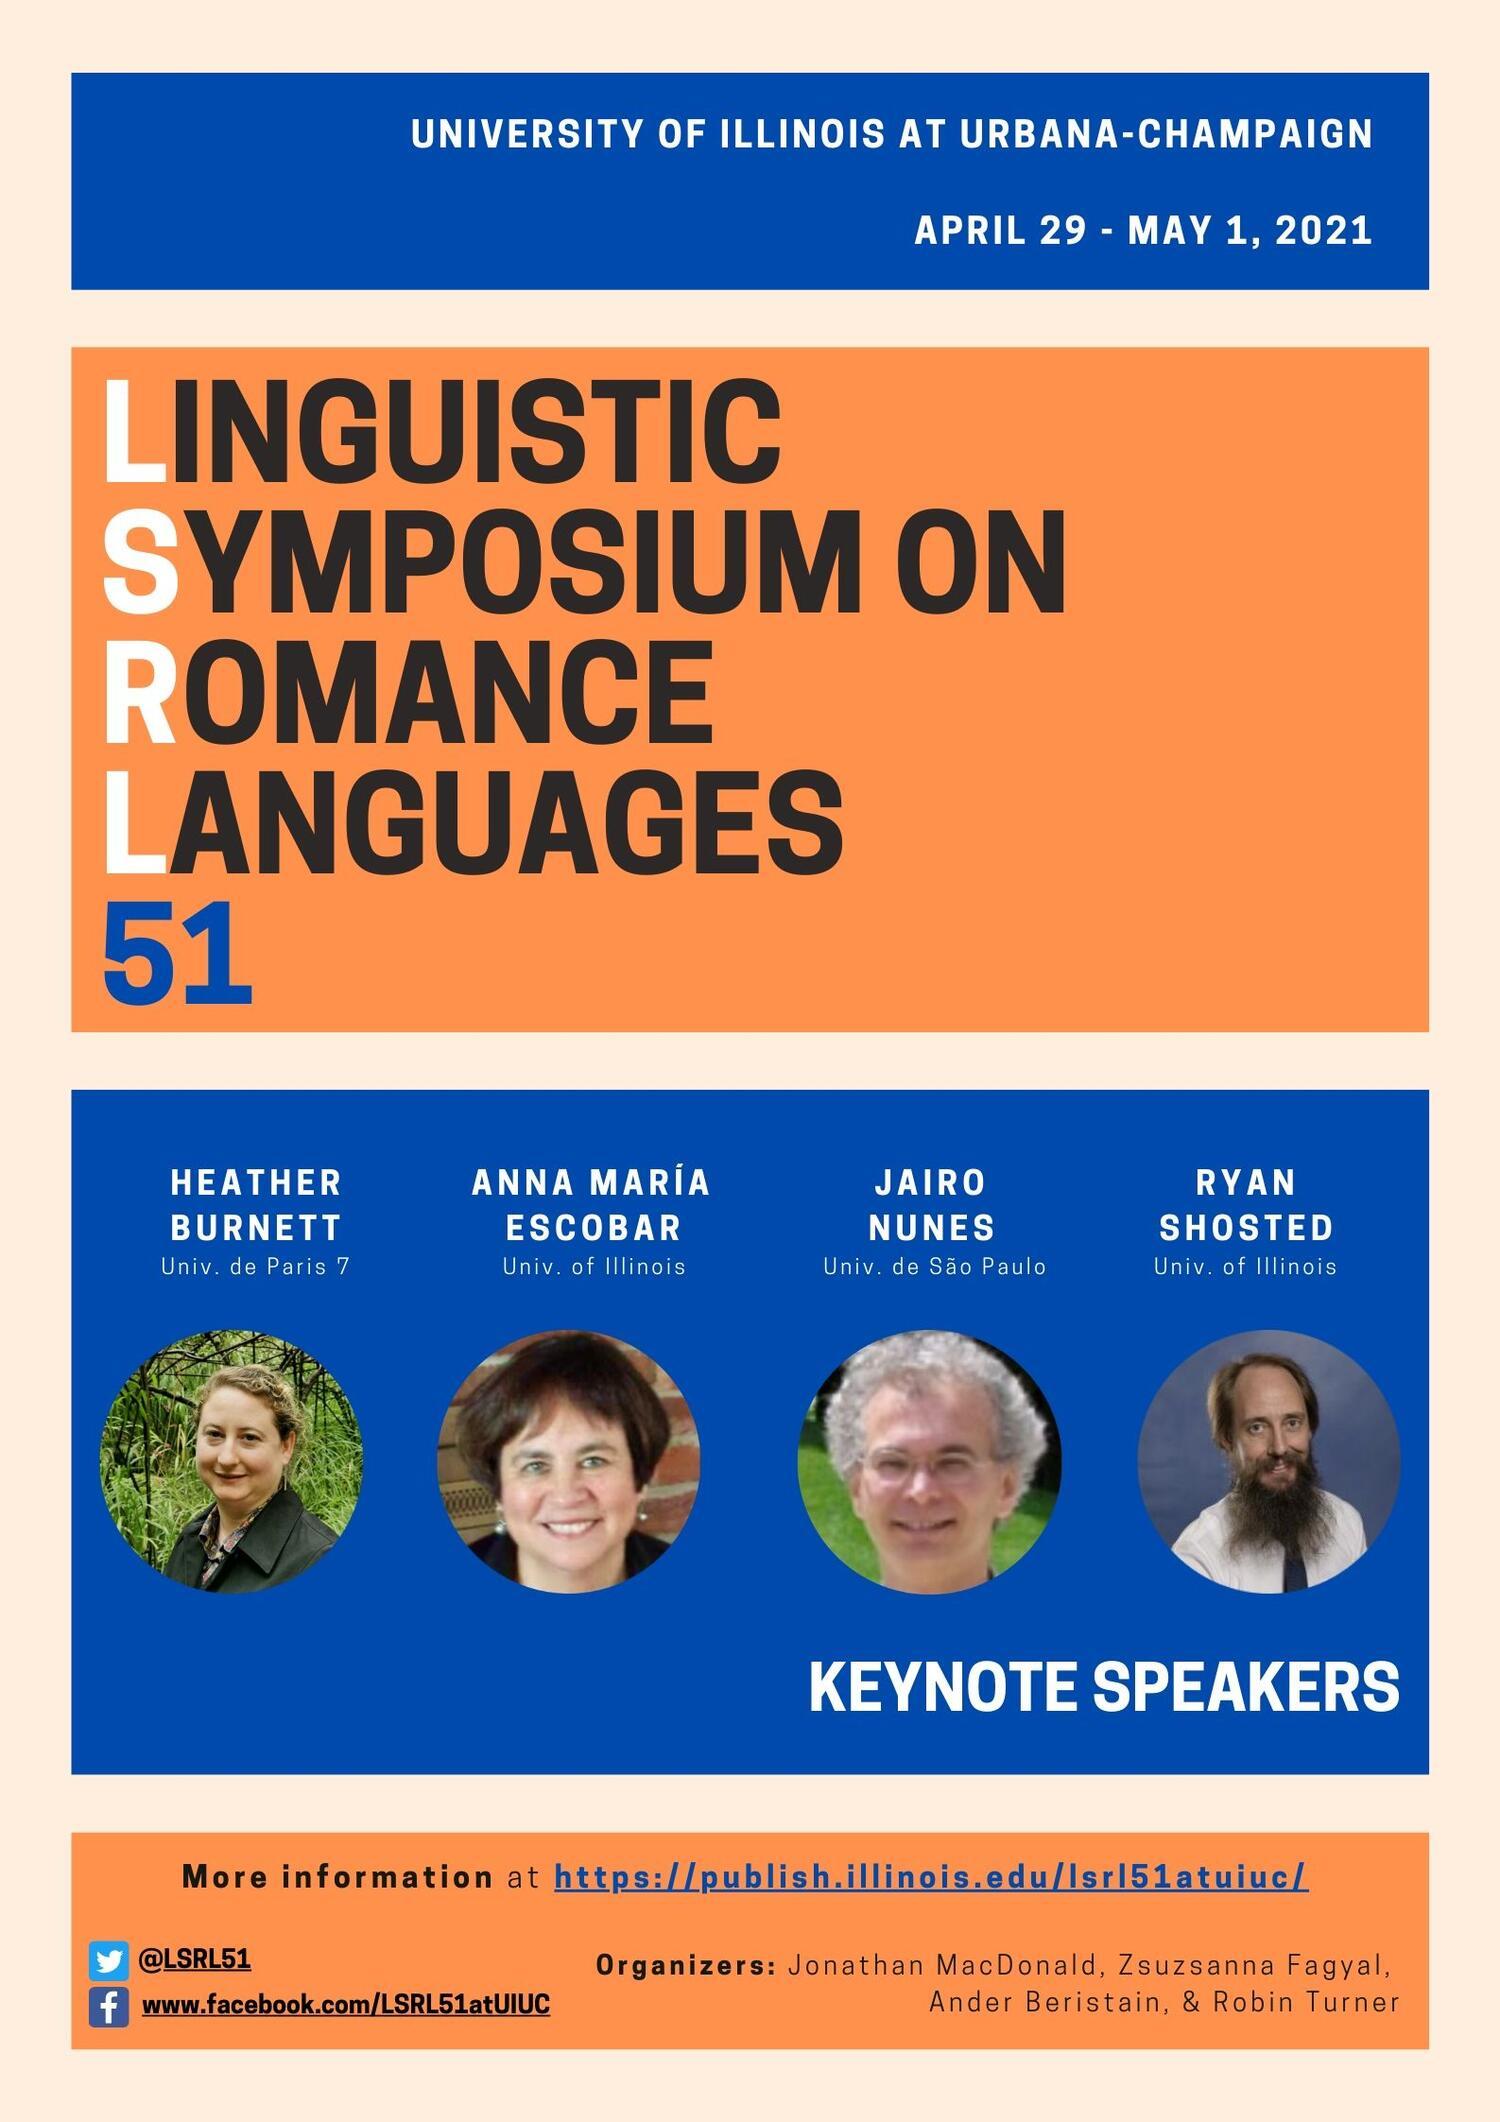 Uiuc Spring 2021 Calendar Linguistic Symposium on Romance Languages (LSRL 51) at UIUC in